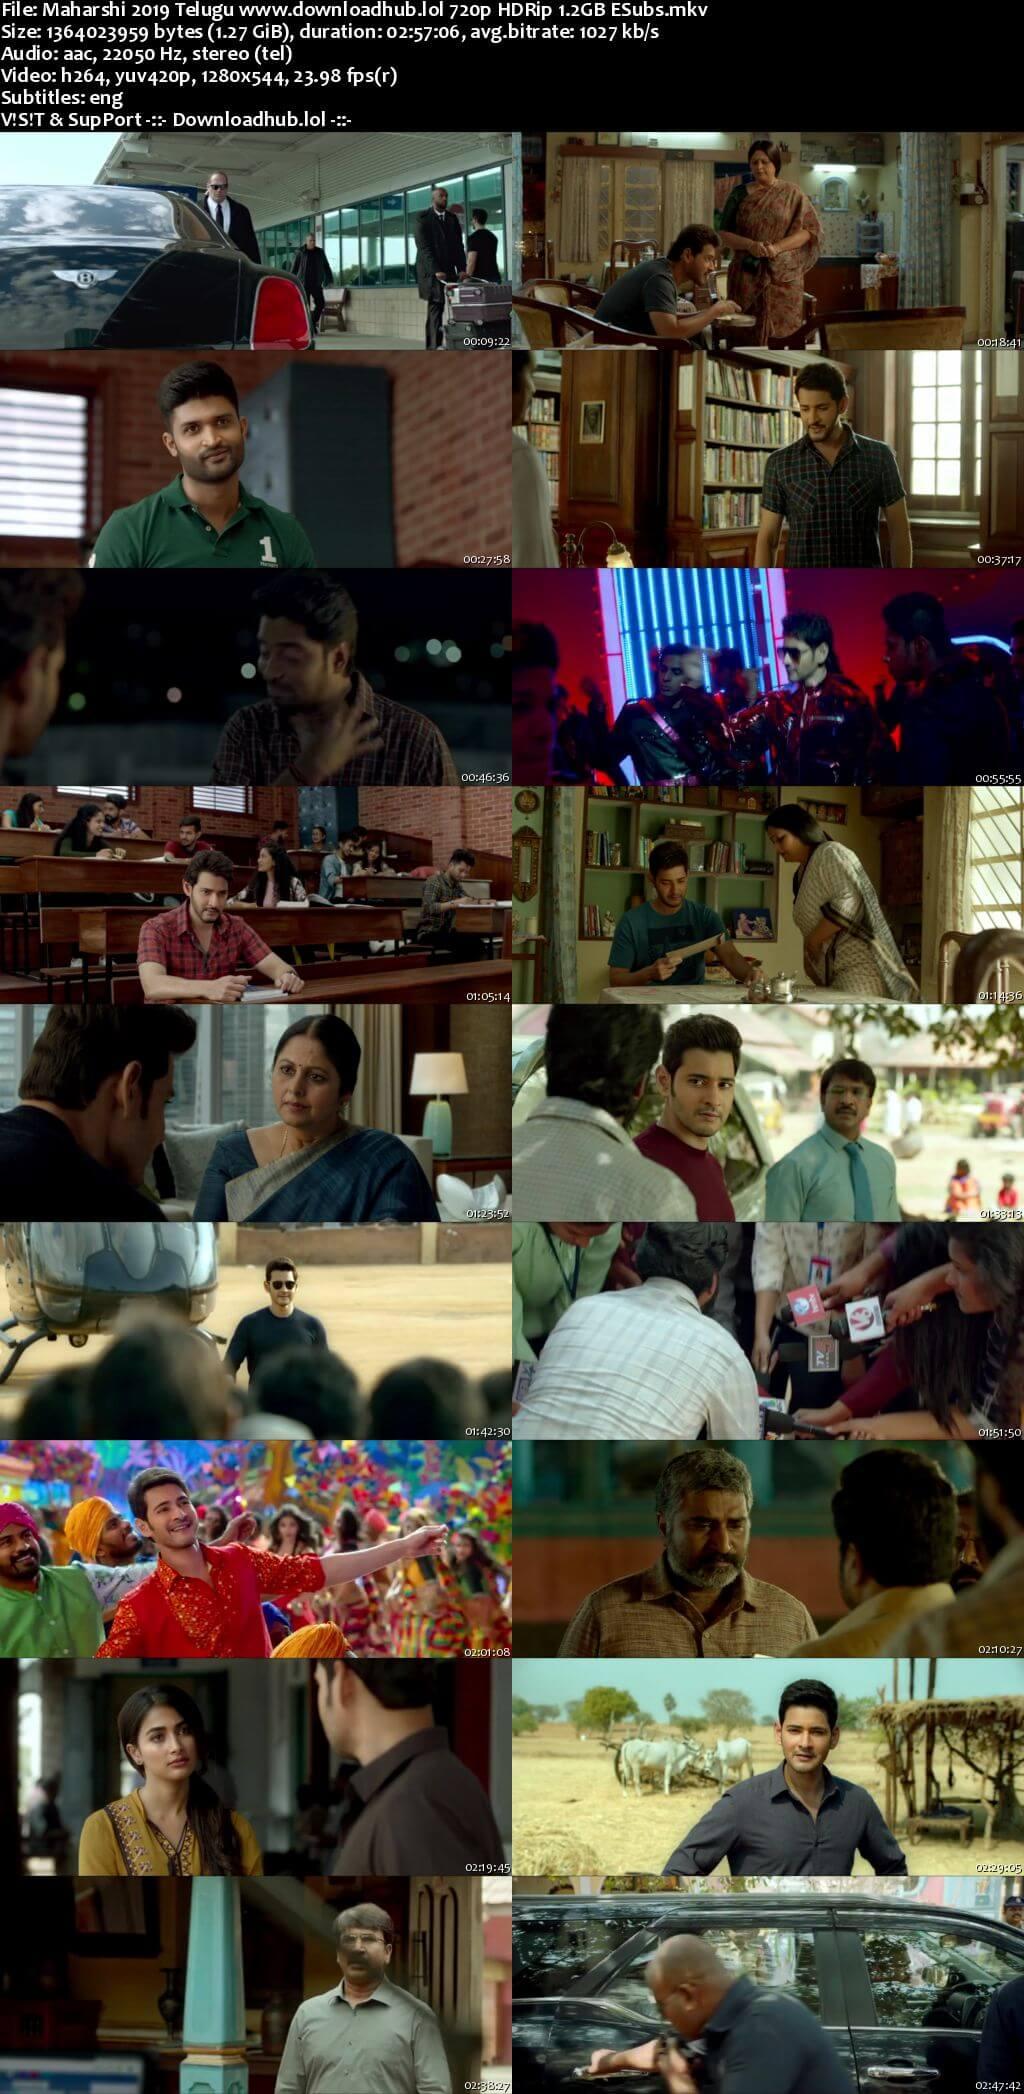 Maharshi 2019 Telugu 720p HDRip ESubs